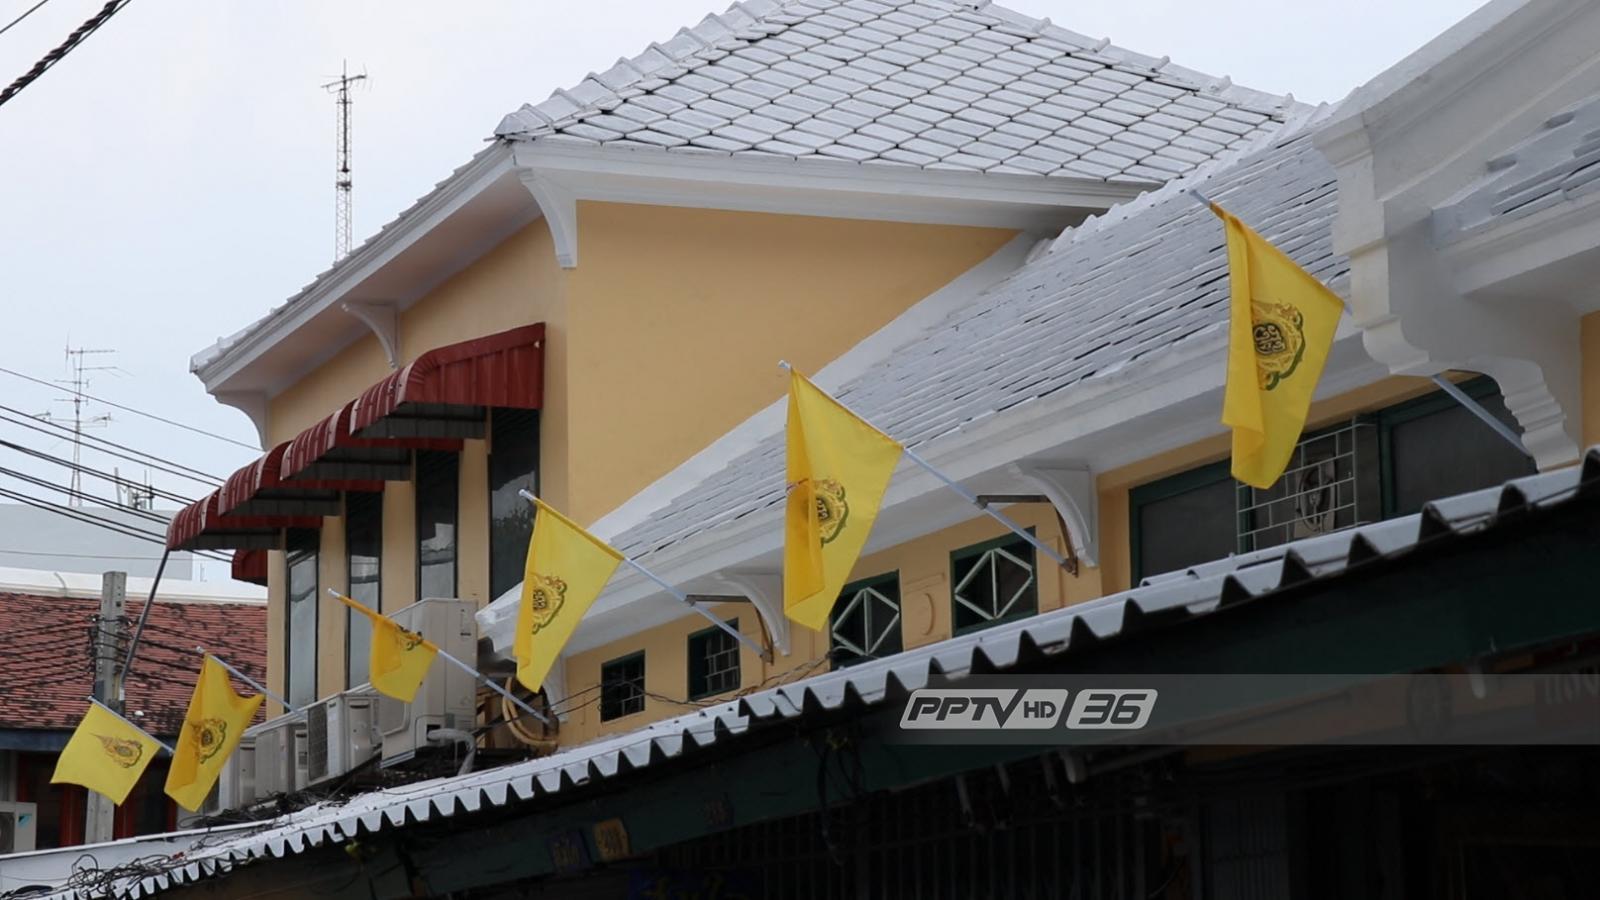 """""""อาคาร บ้านเรือน"""" ประดับธงตราสัญลักษณ์เฝ้ารอรับเสด็จพระราชดำเนินเลียบพระนครโดยขบวนพยุหยาตราสถลมารค"""